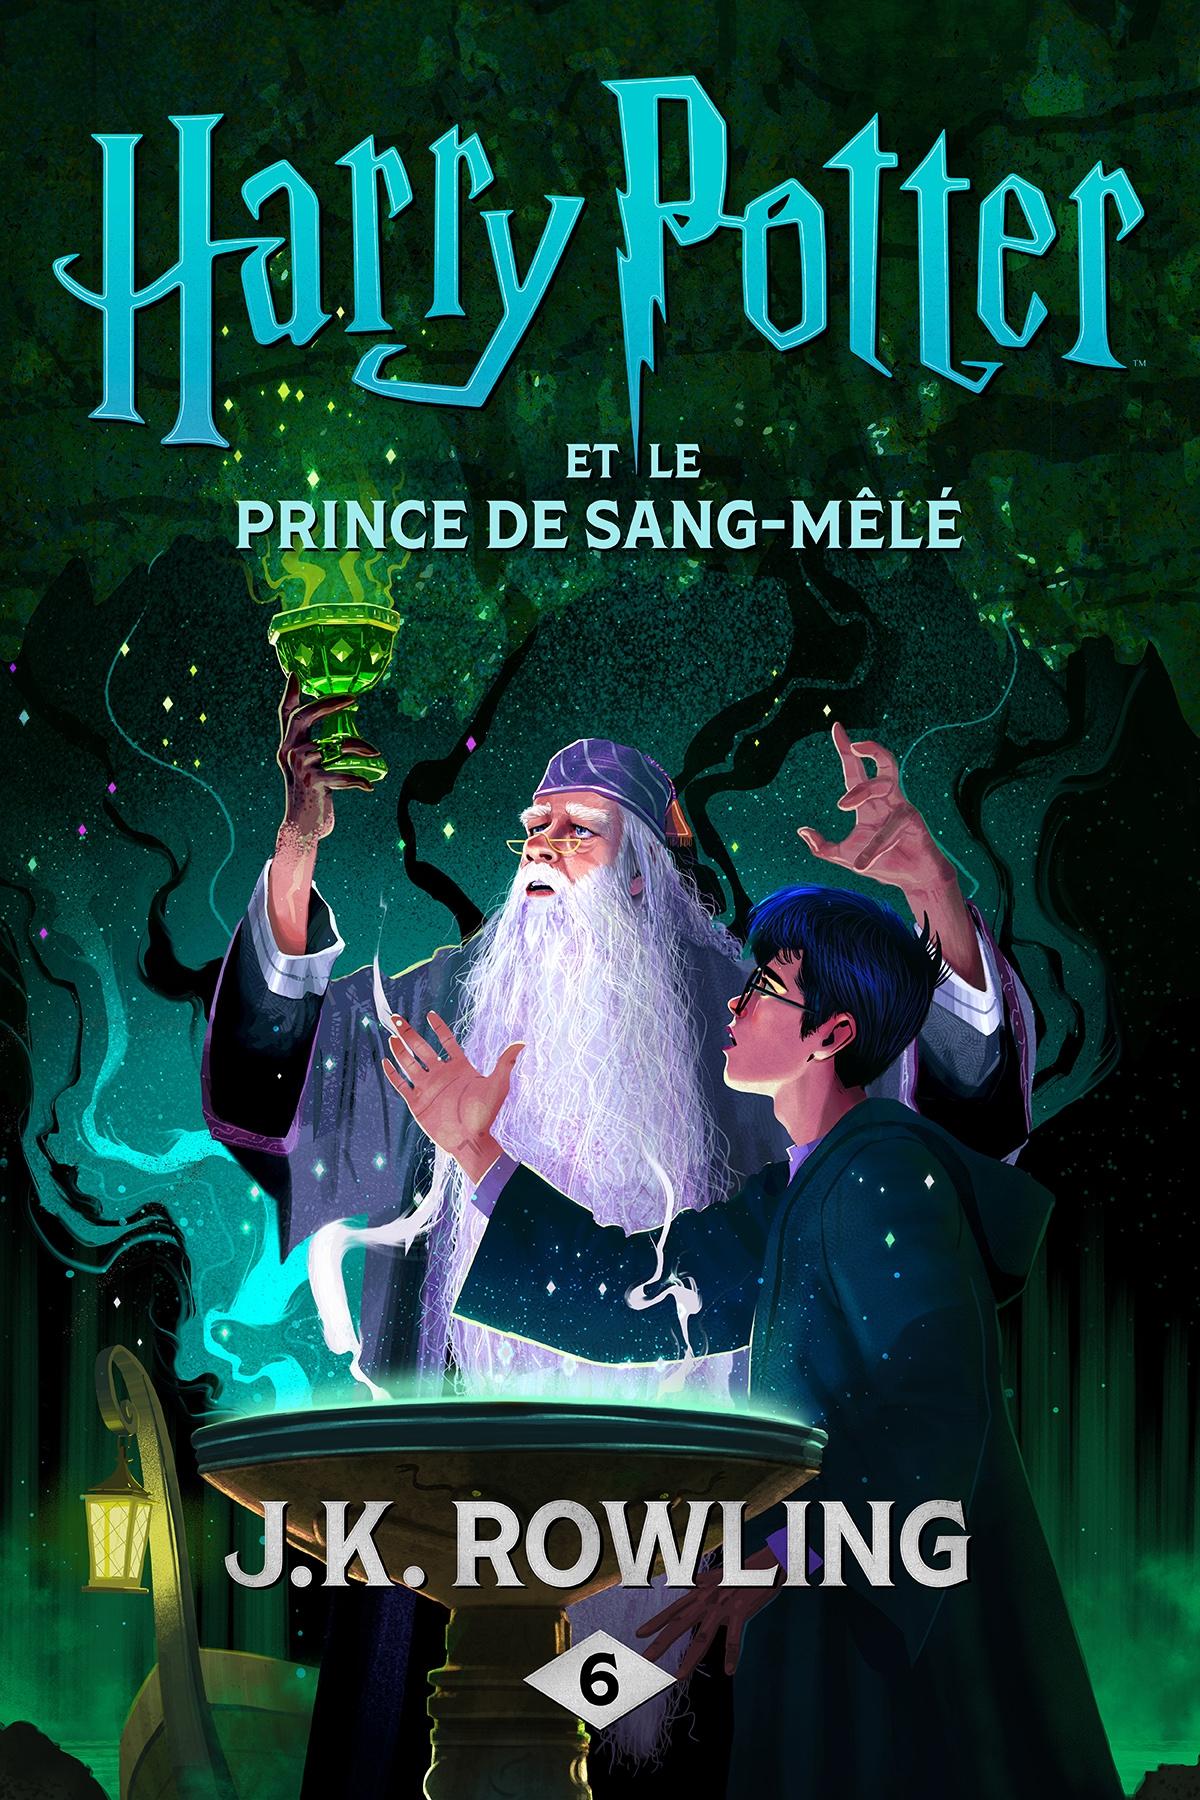 Couverture : Harry Potter T.6 : Harry Potter et le Prince de Sang-Mêlé J.k. Rowling